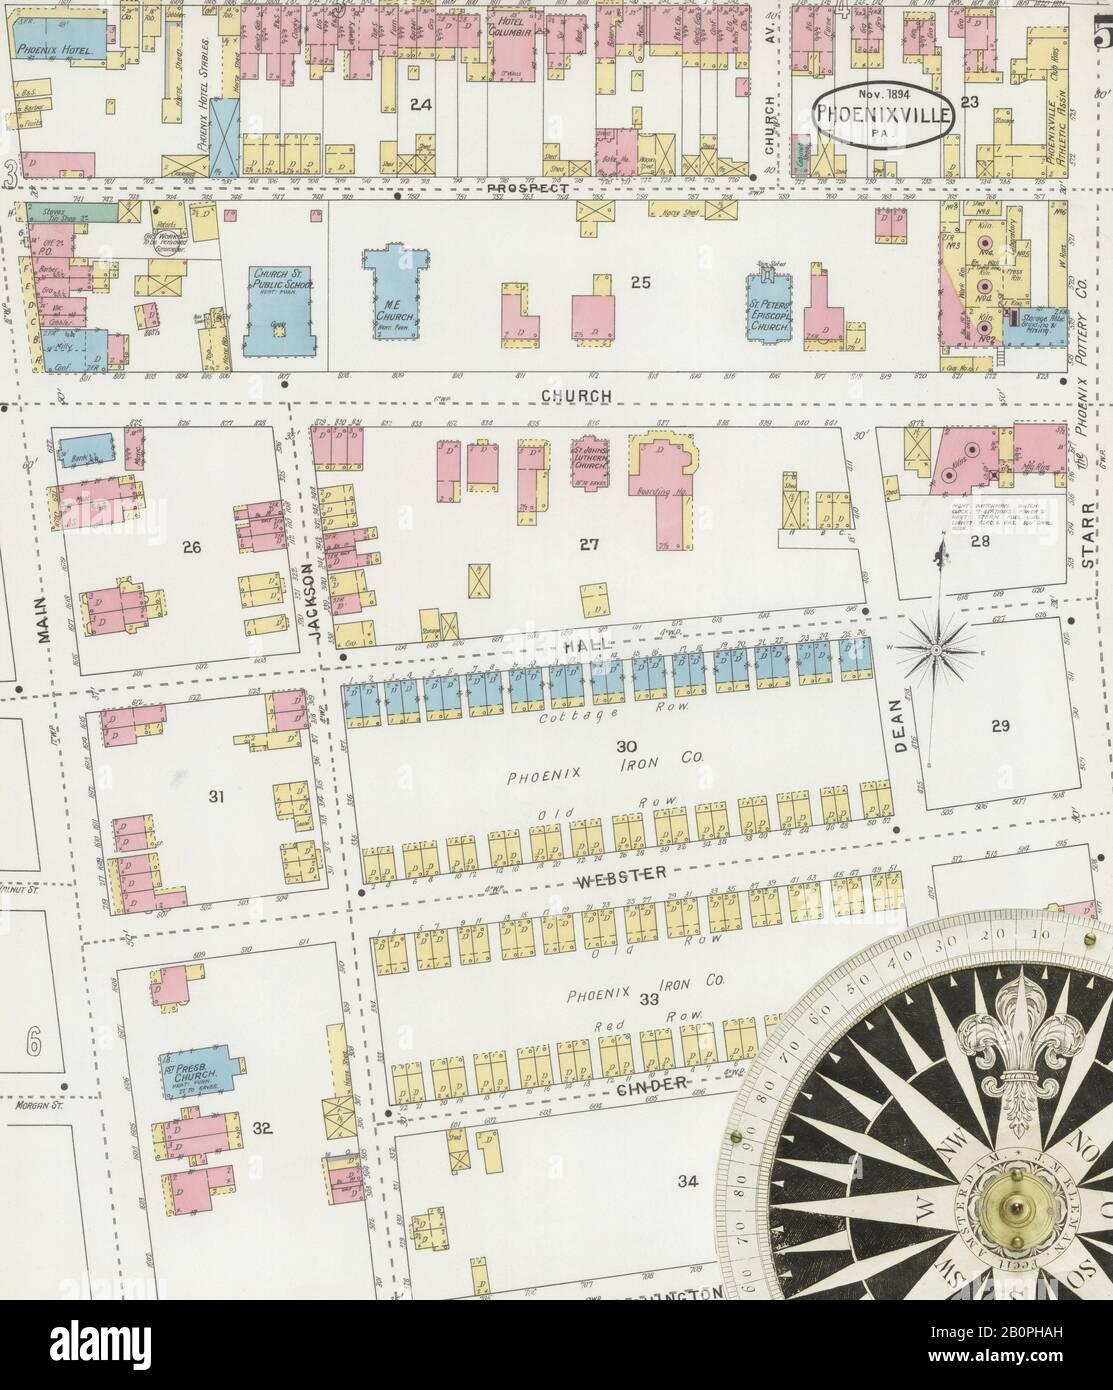 Immagine 5 Della Mappa Sanborn Fire Insurance Da Fenixville, Chester County, Pennsylvania. Nov 1894. 10 fogli, America, mappa stradale con una bussola Del Xix Secolo Foto Stock